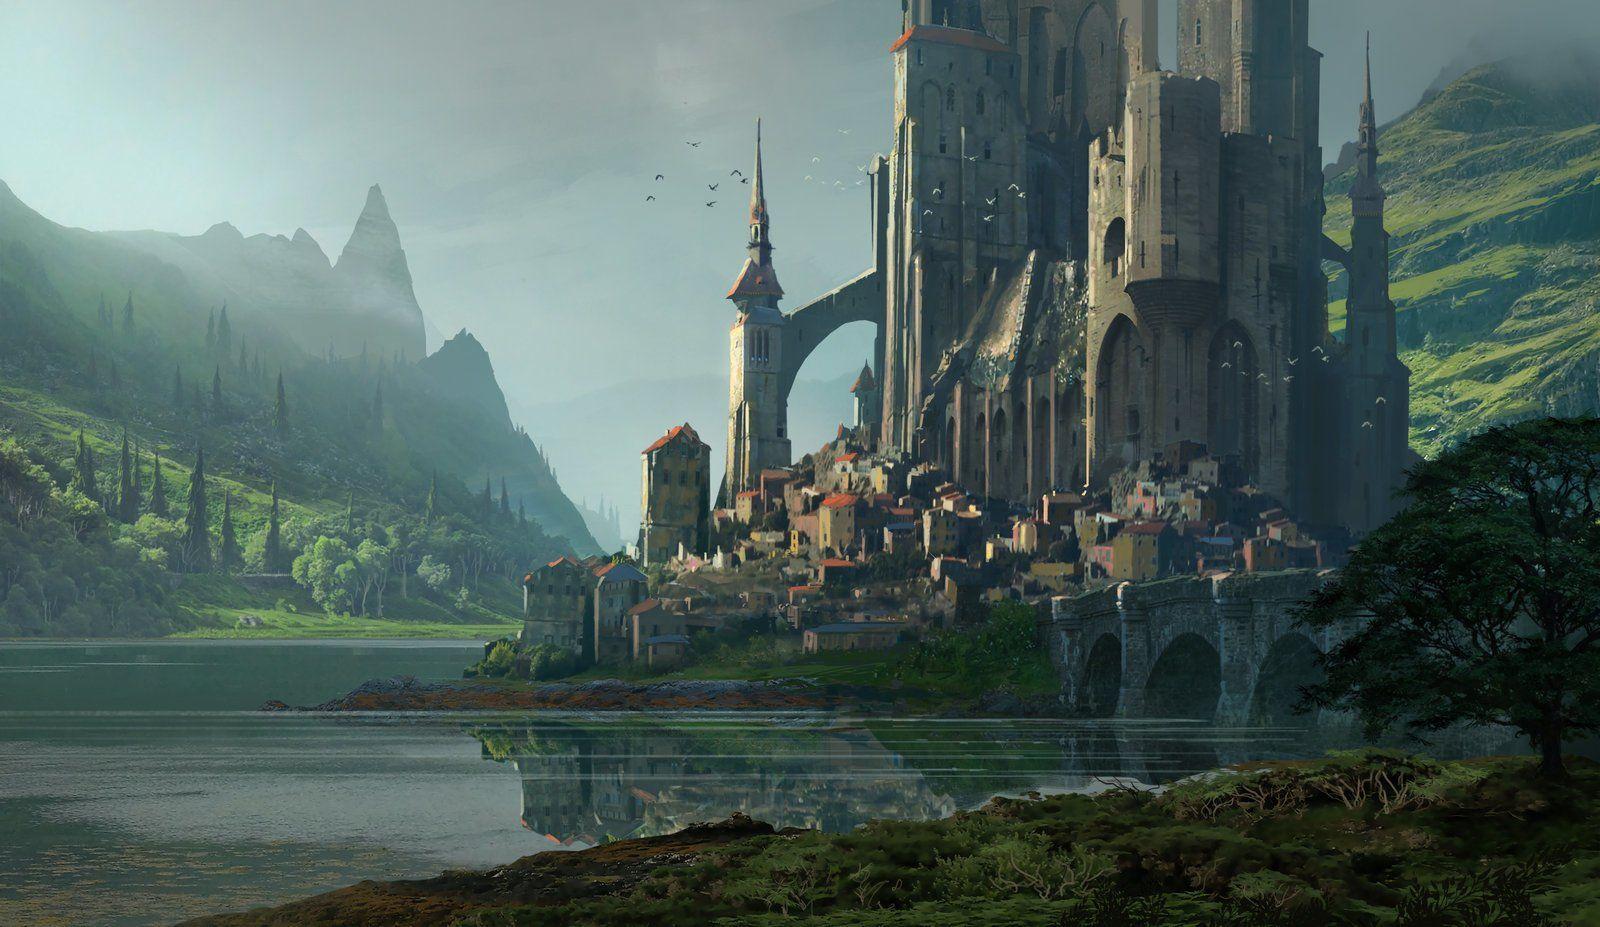 castle landscape wallpapers - top free castle landscape backgrounds